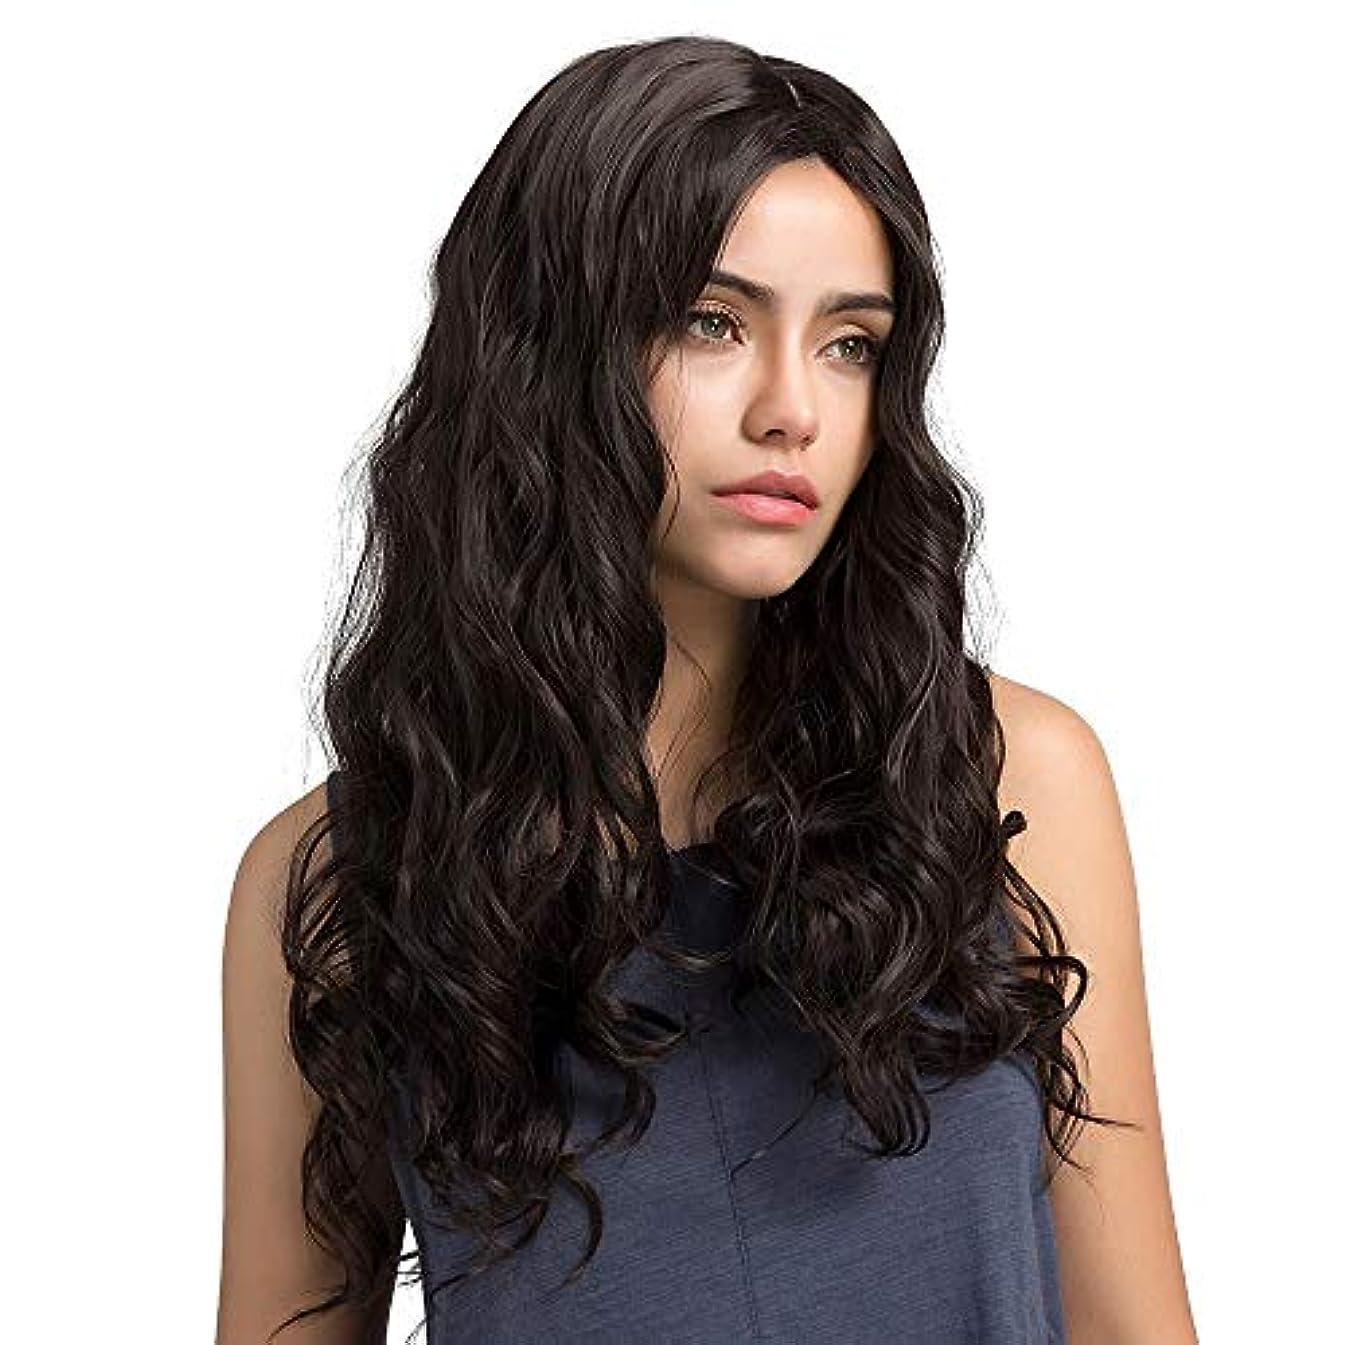 猛烈な合意ストラトフォードオンエイボン女性の小さな波状の長い巻き毛のふわふわのかつら65 cm